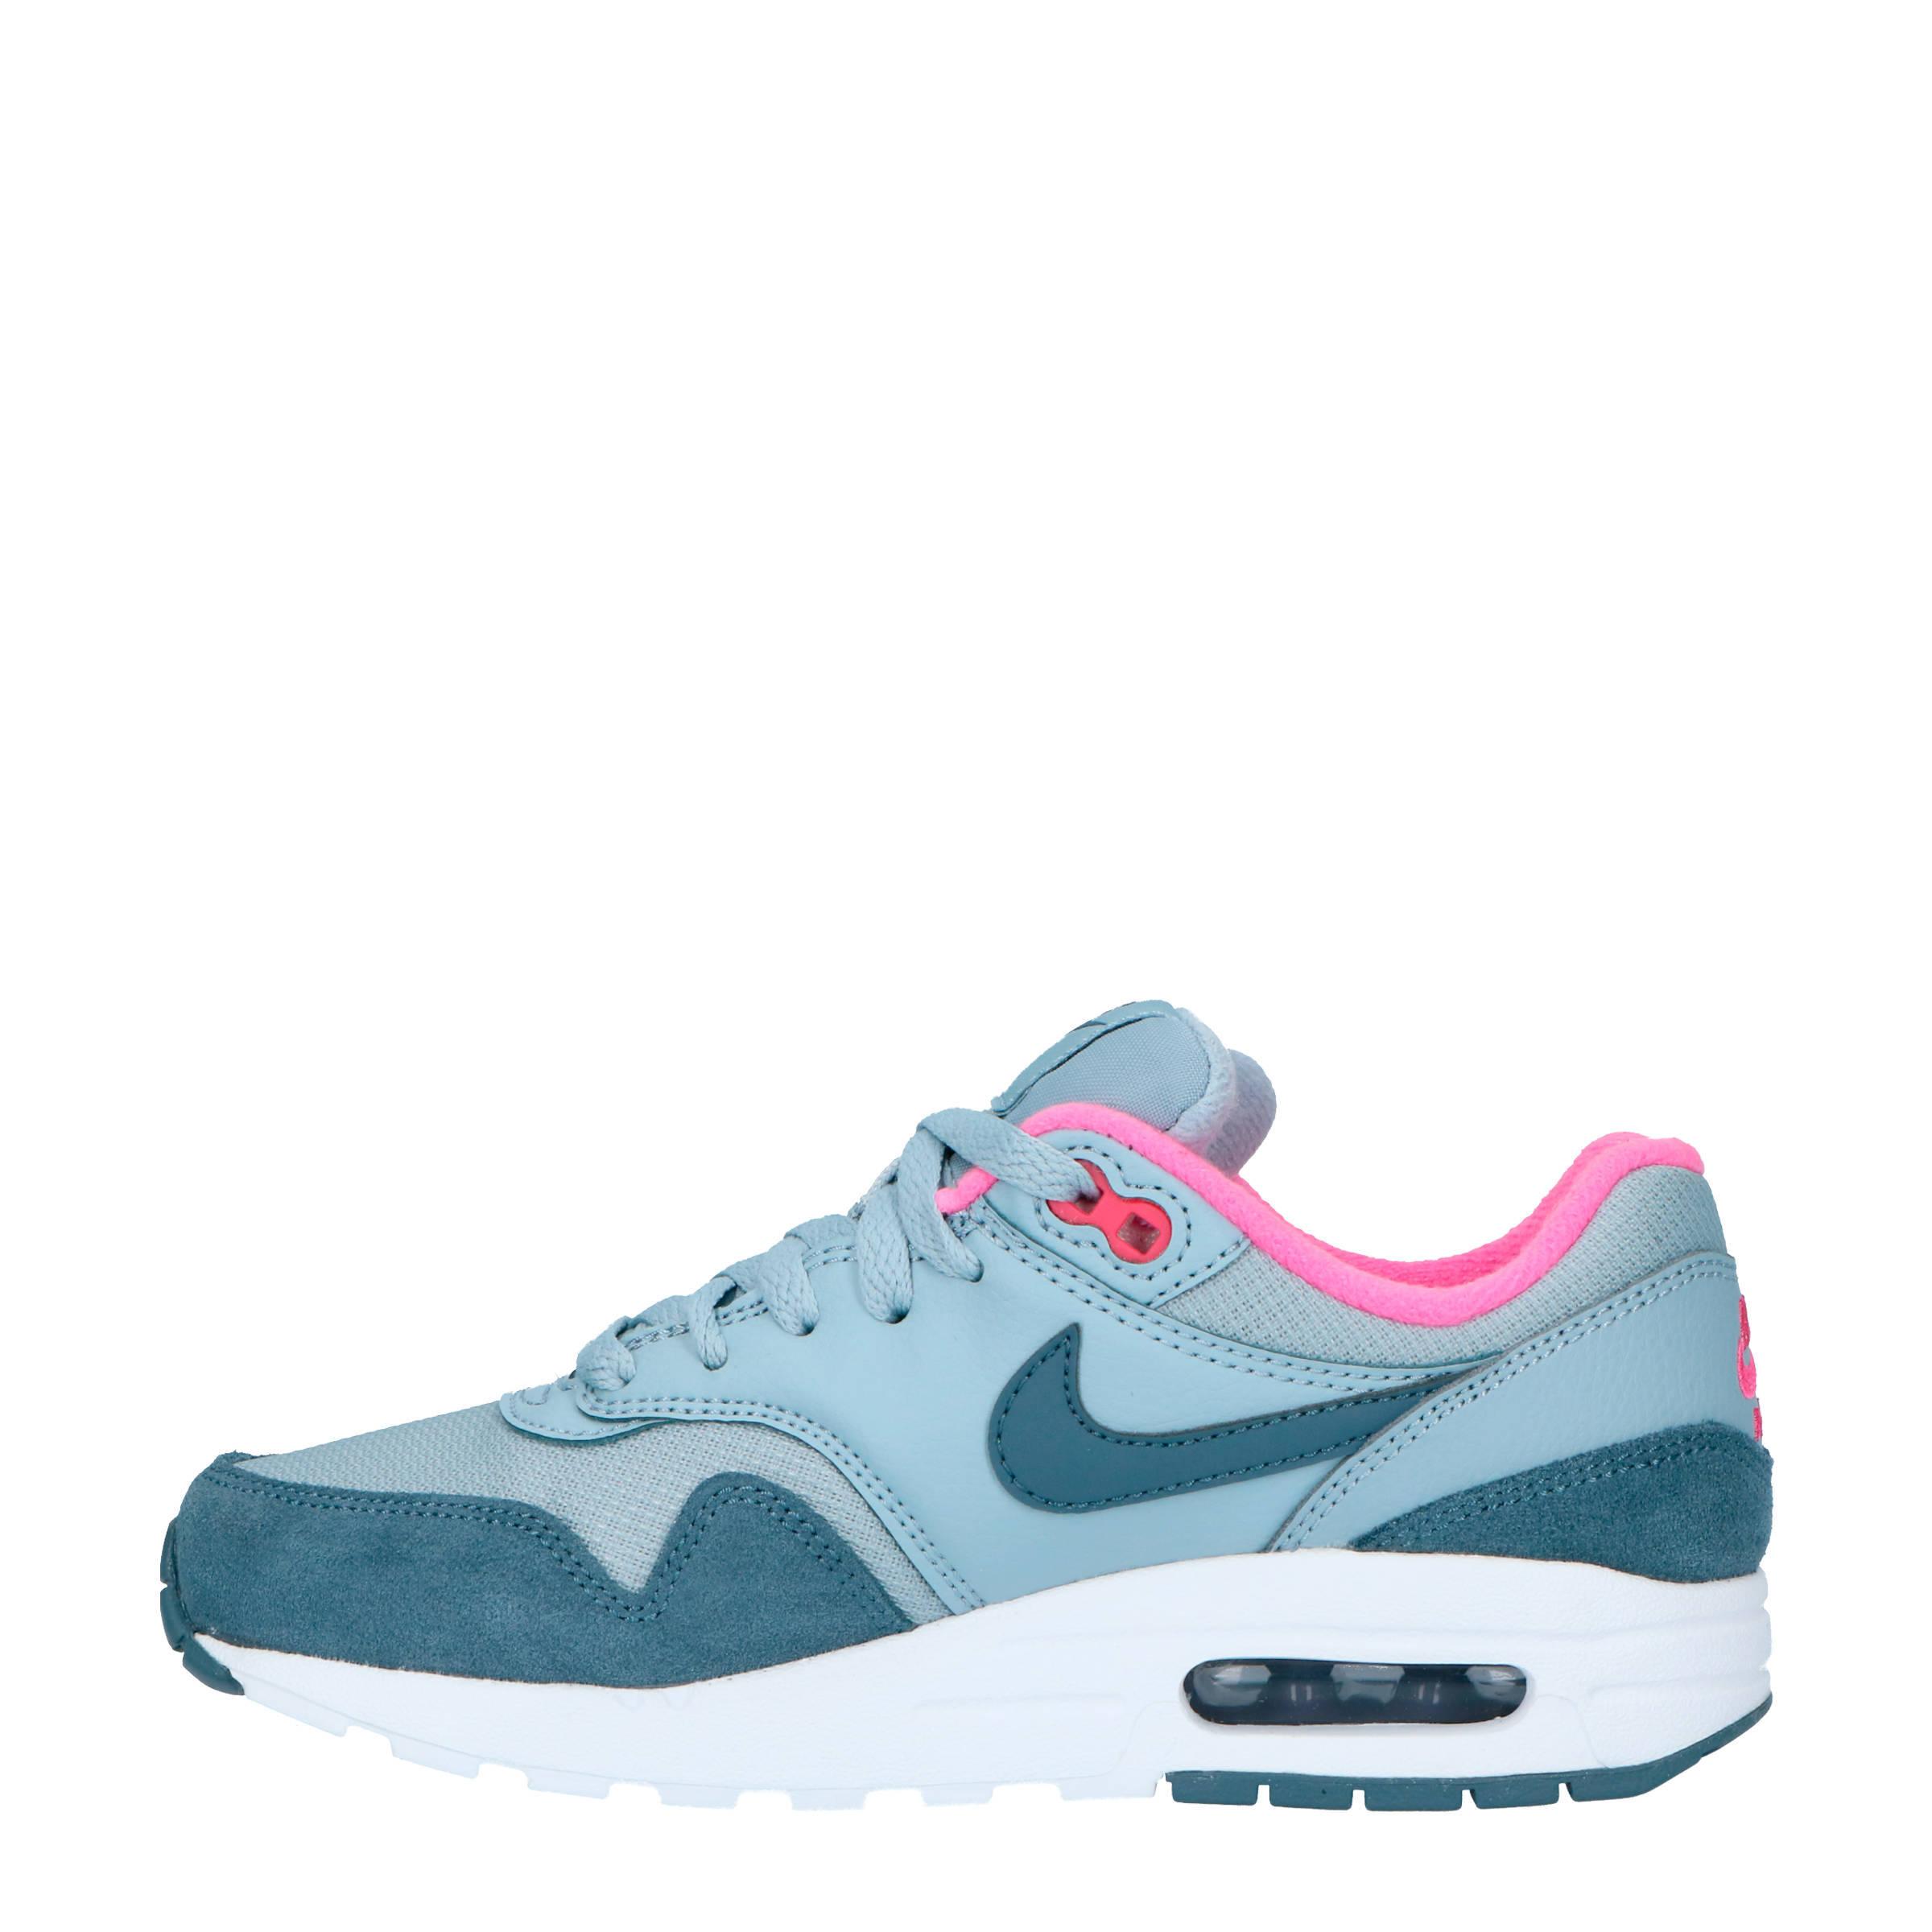 newest d85f0 b72e0 nike-sneakers-air-max-1-lichtblauw-0888408044853.jpg